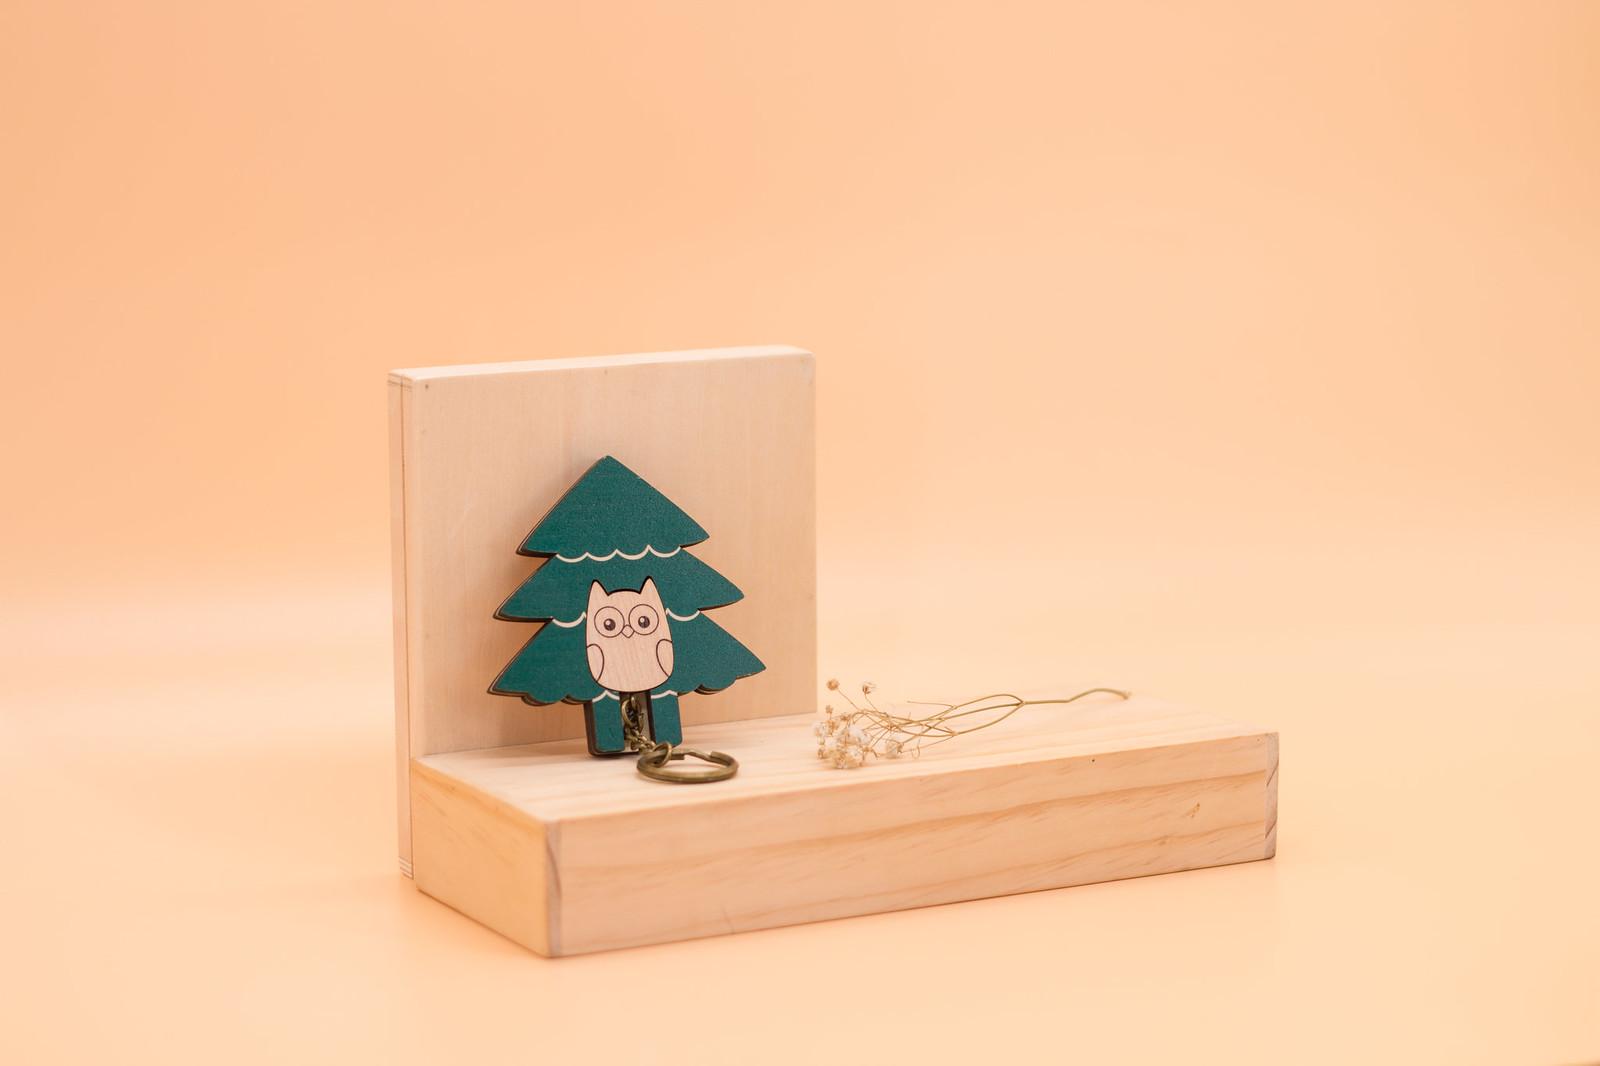 鑰匙圈 客製化 禮物 特色產品 居家 台灣設計 生日 情人節 動物 療癒 貓頭鷹 鳥 聖誕節 收納 裝飾 吊飾 送禮 中性 木 楓木 胡桃木 鑰匙